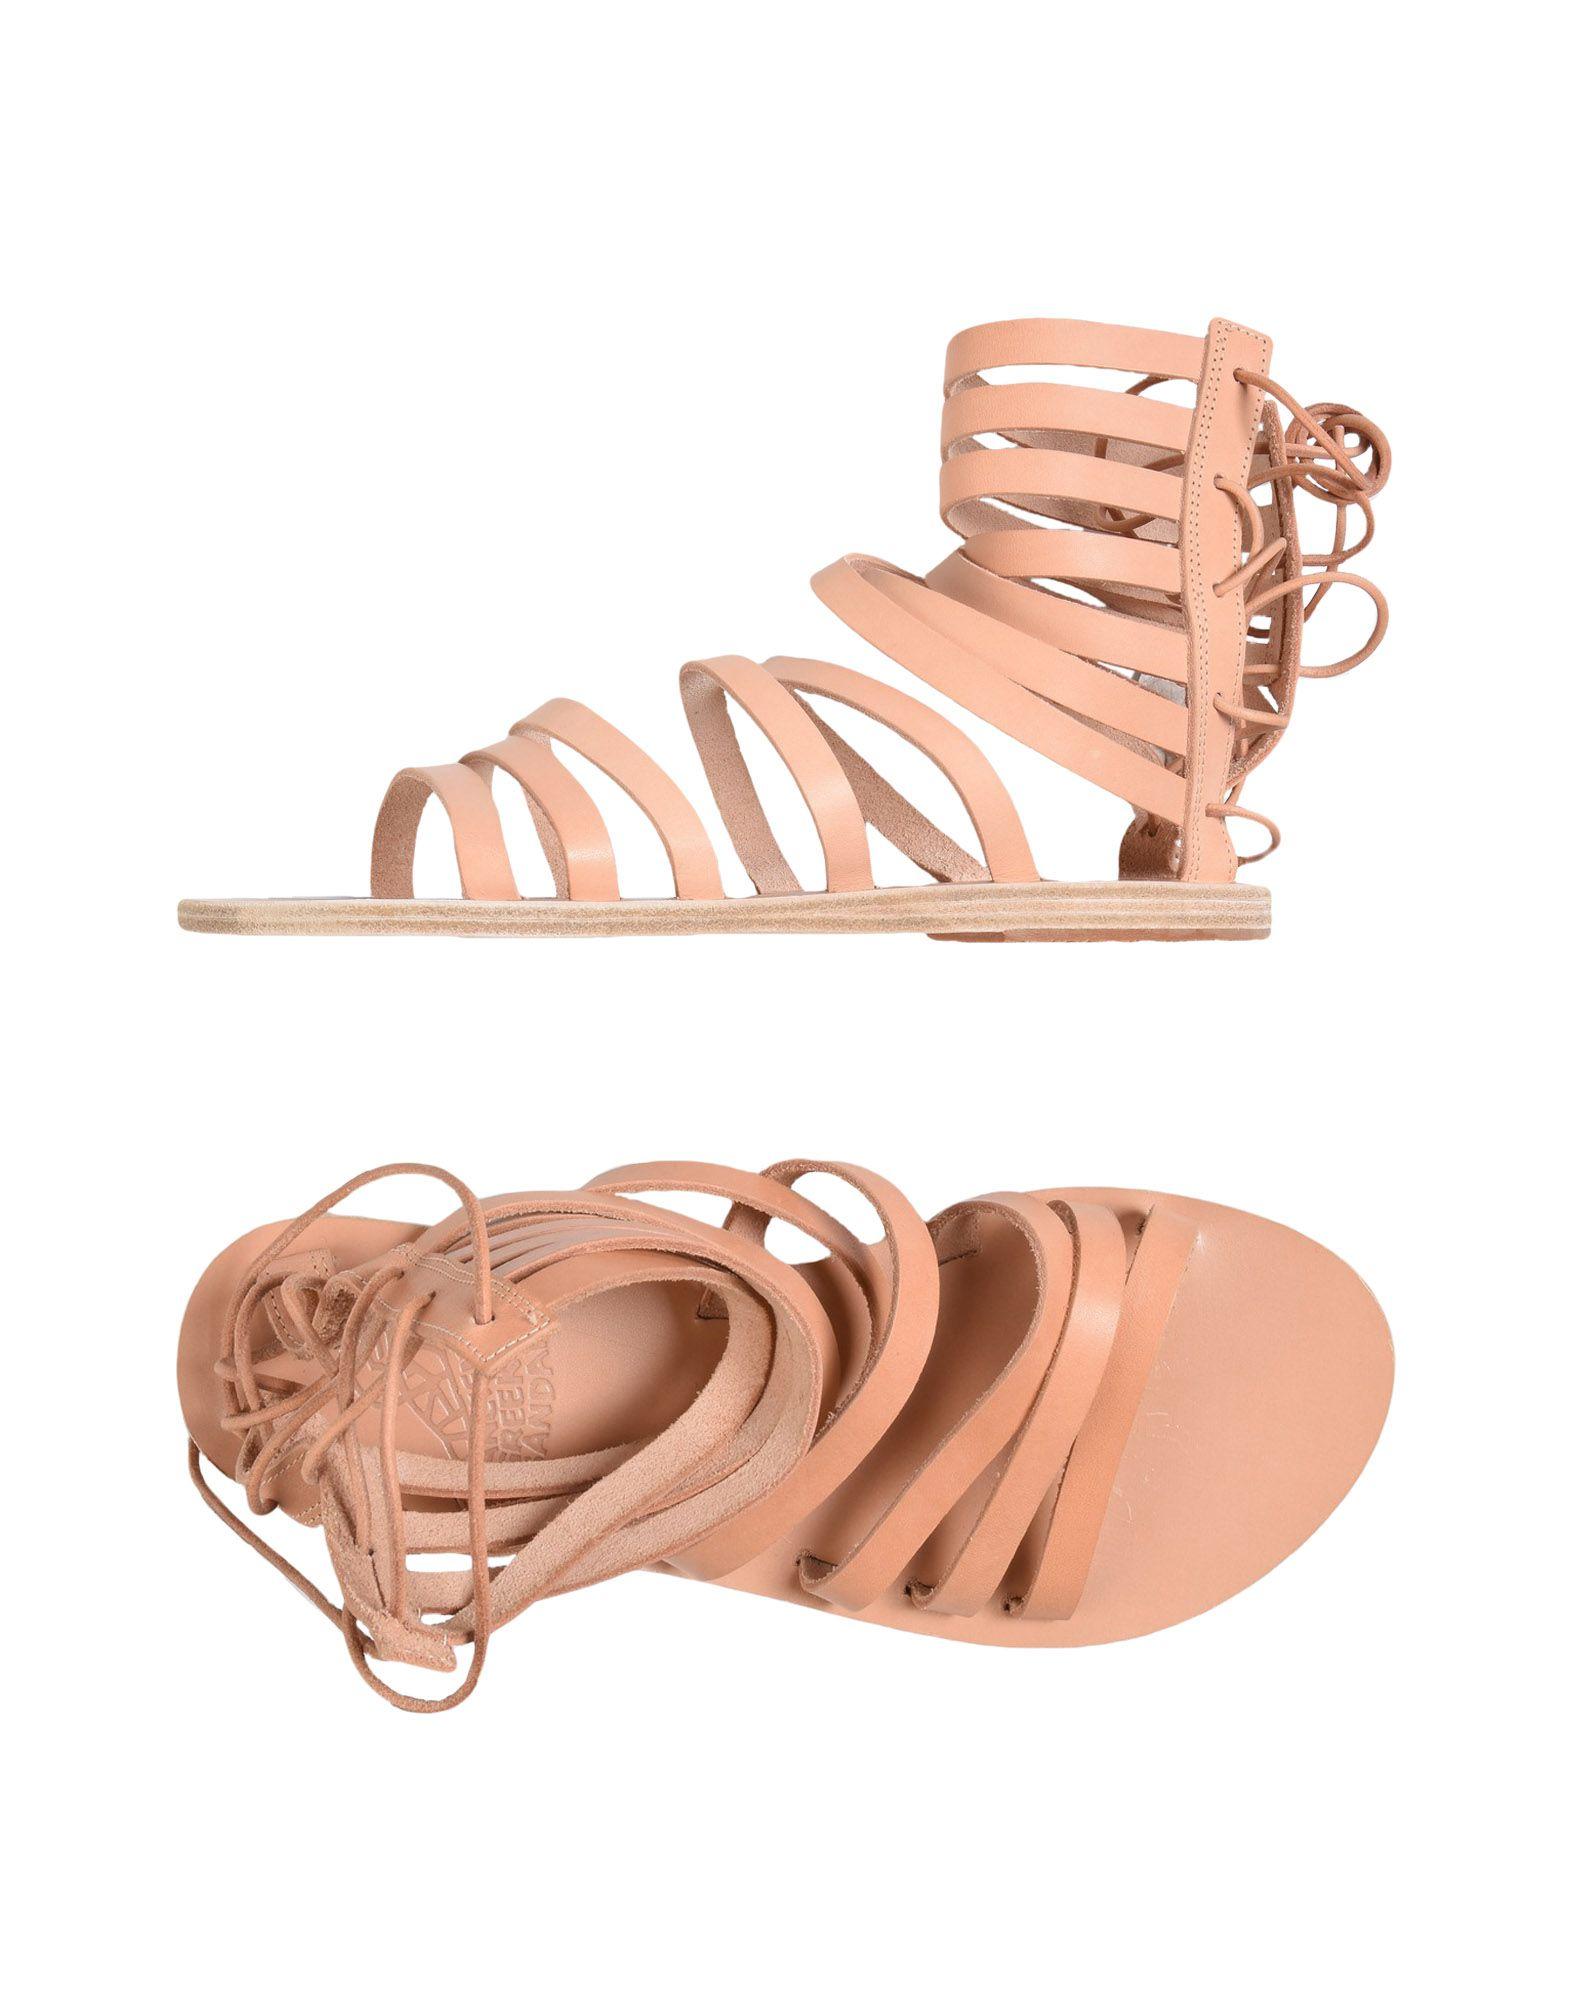 Sandali Sandals Ancient Acquista Donna su Greek online w7vErwd